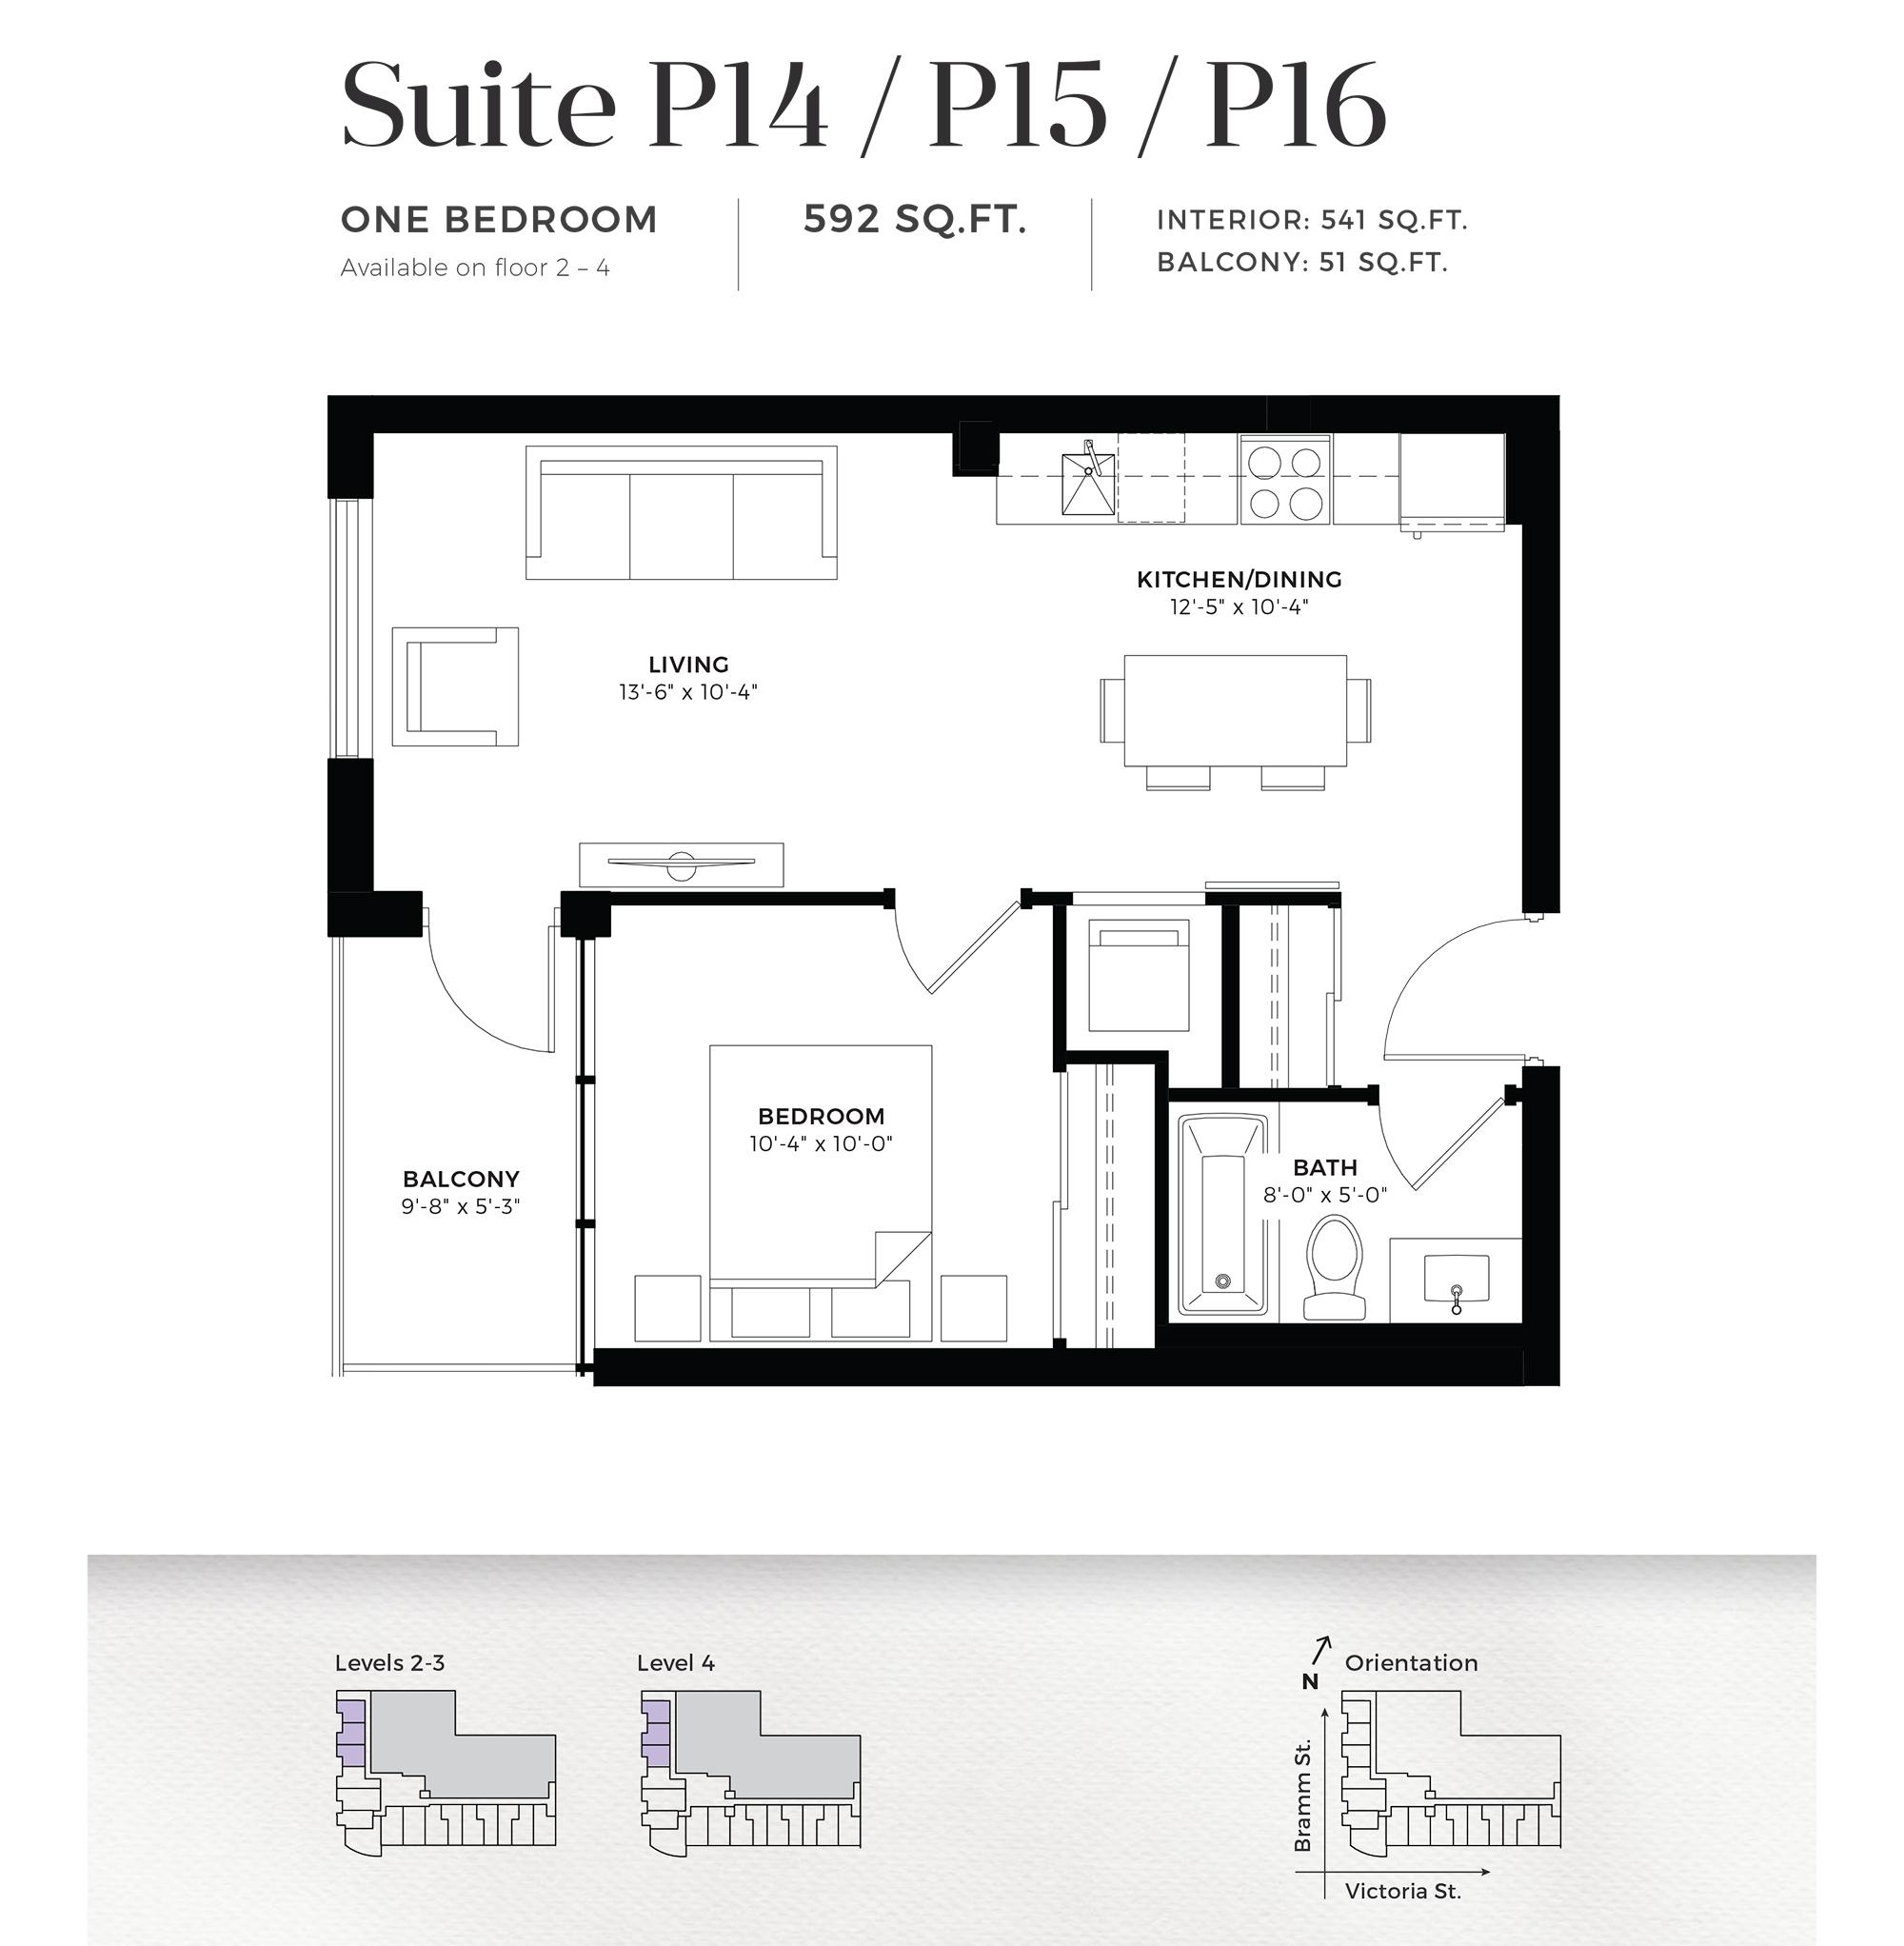 Suite P13